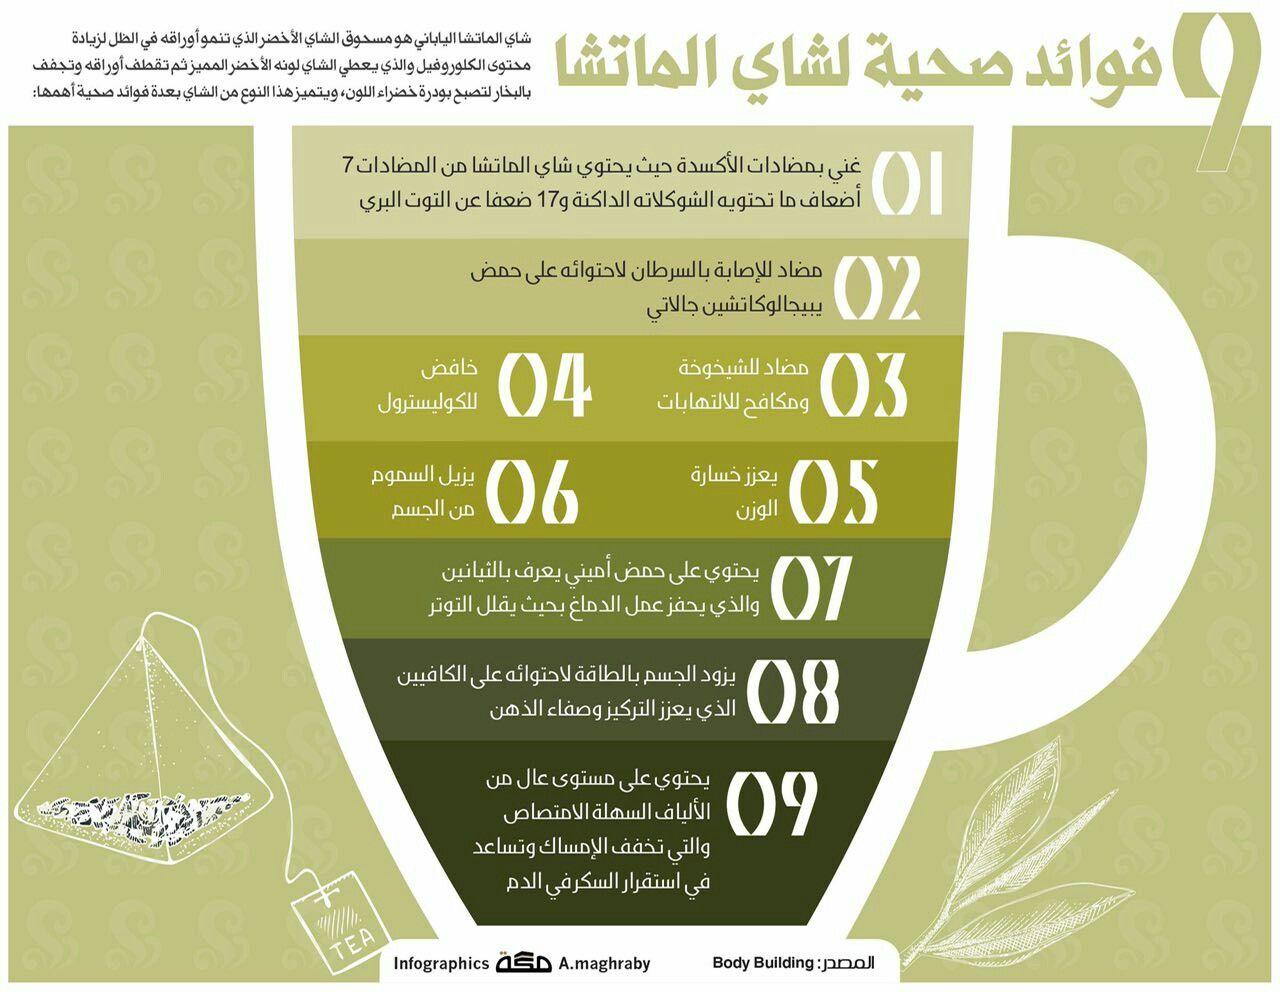 9 فوائد صحية لشاي الماتشا Inspirational Wallpapers Inspiration